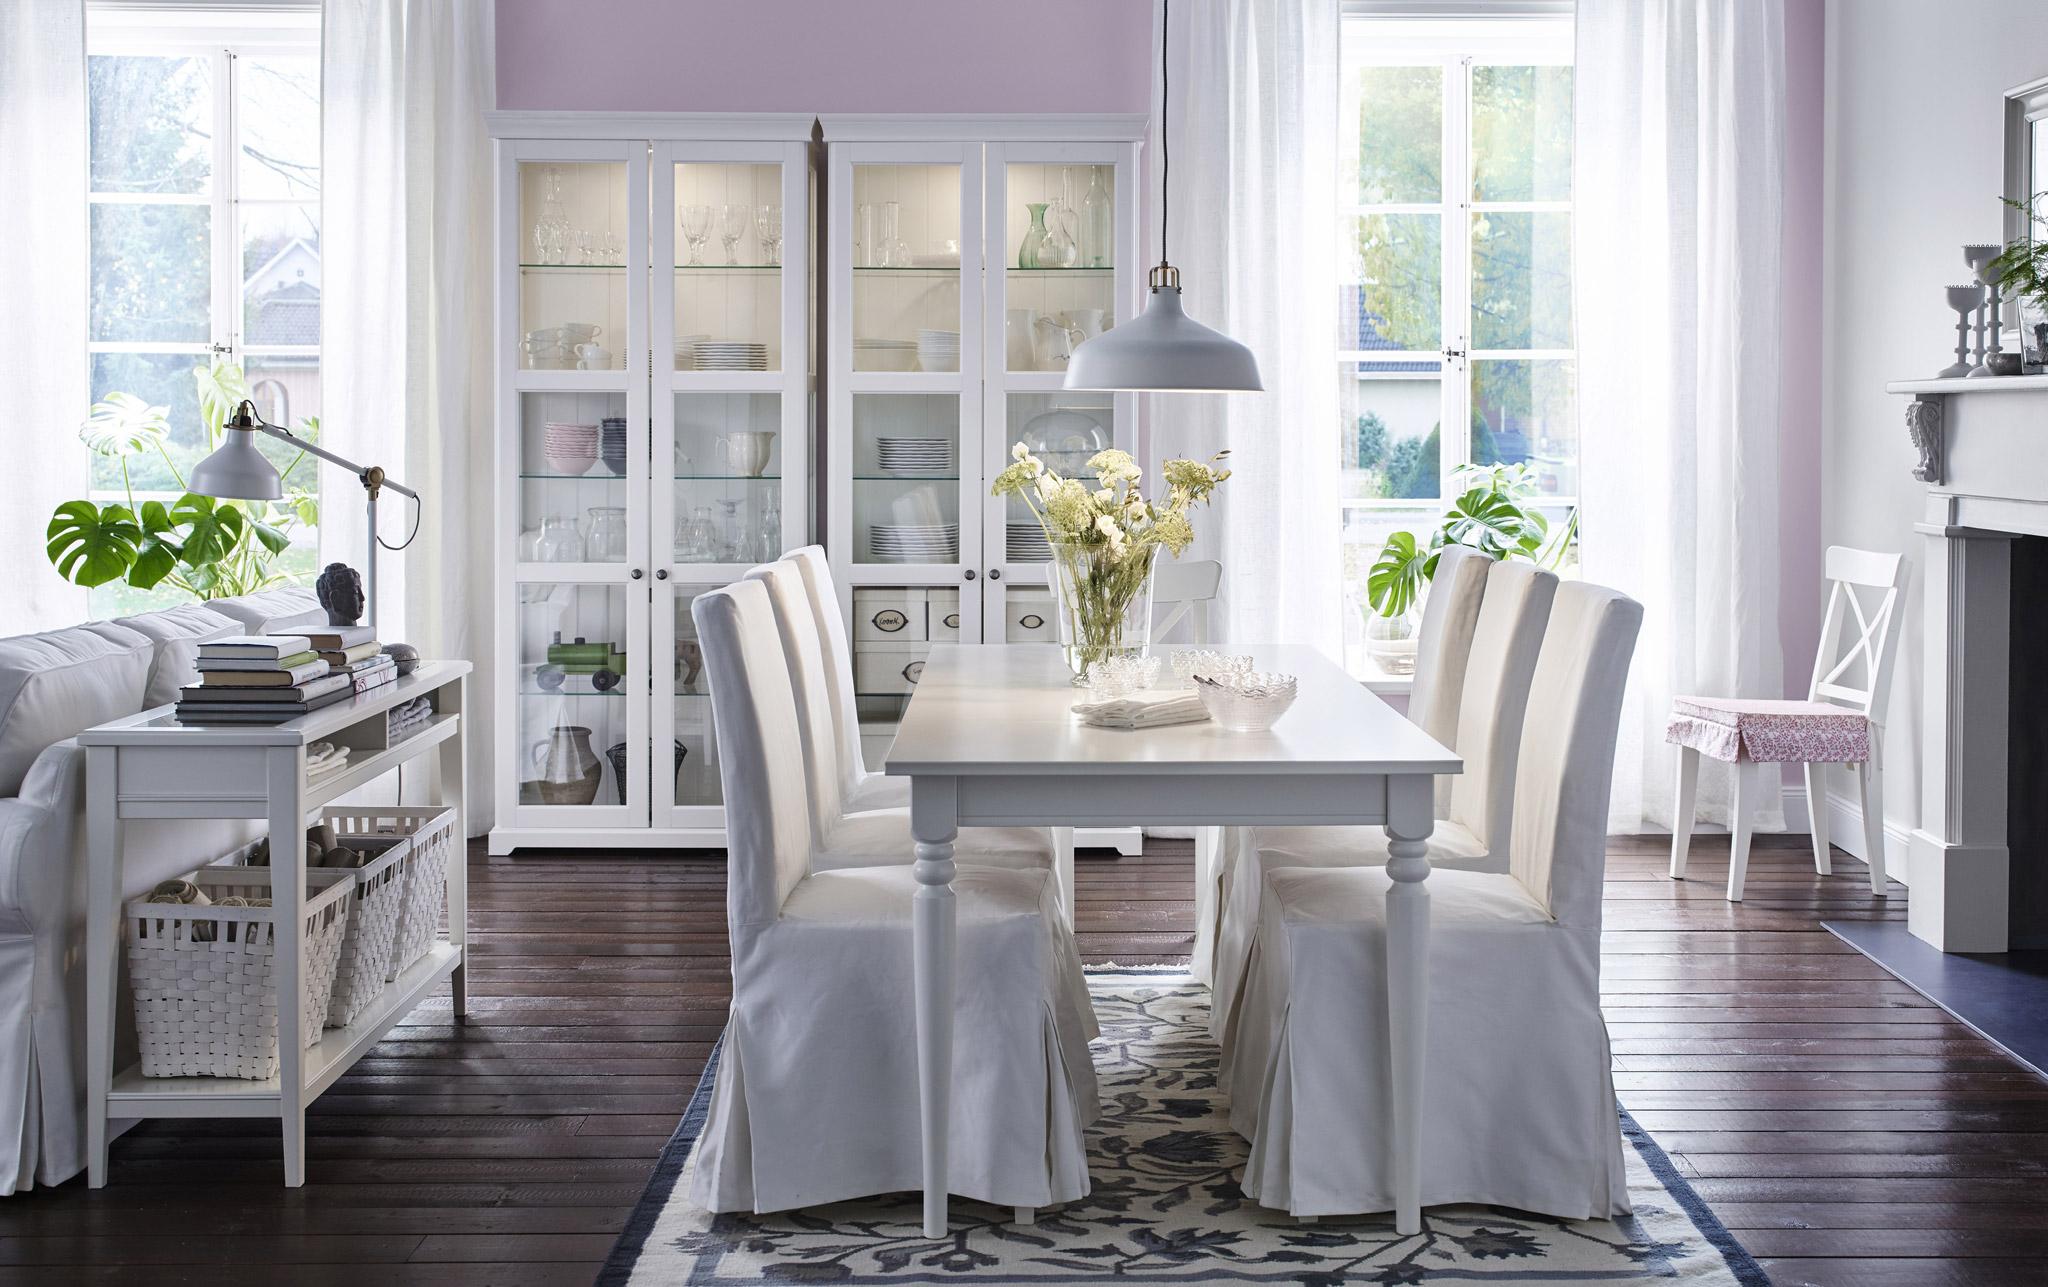 Gabungan Set Meja Makan Dan Lampu Putih Dan Mewah Yang Lengkap Untuk Keluarga